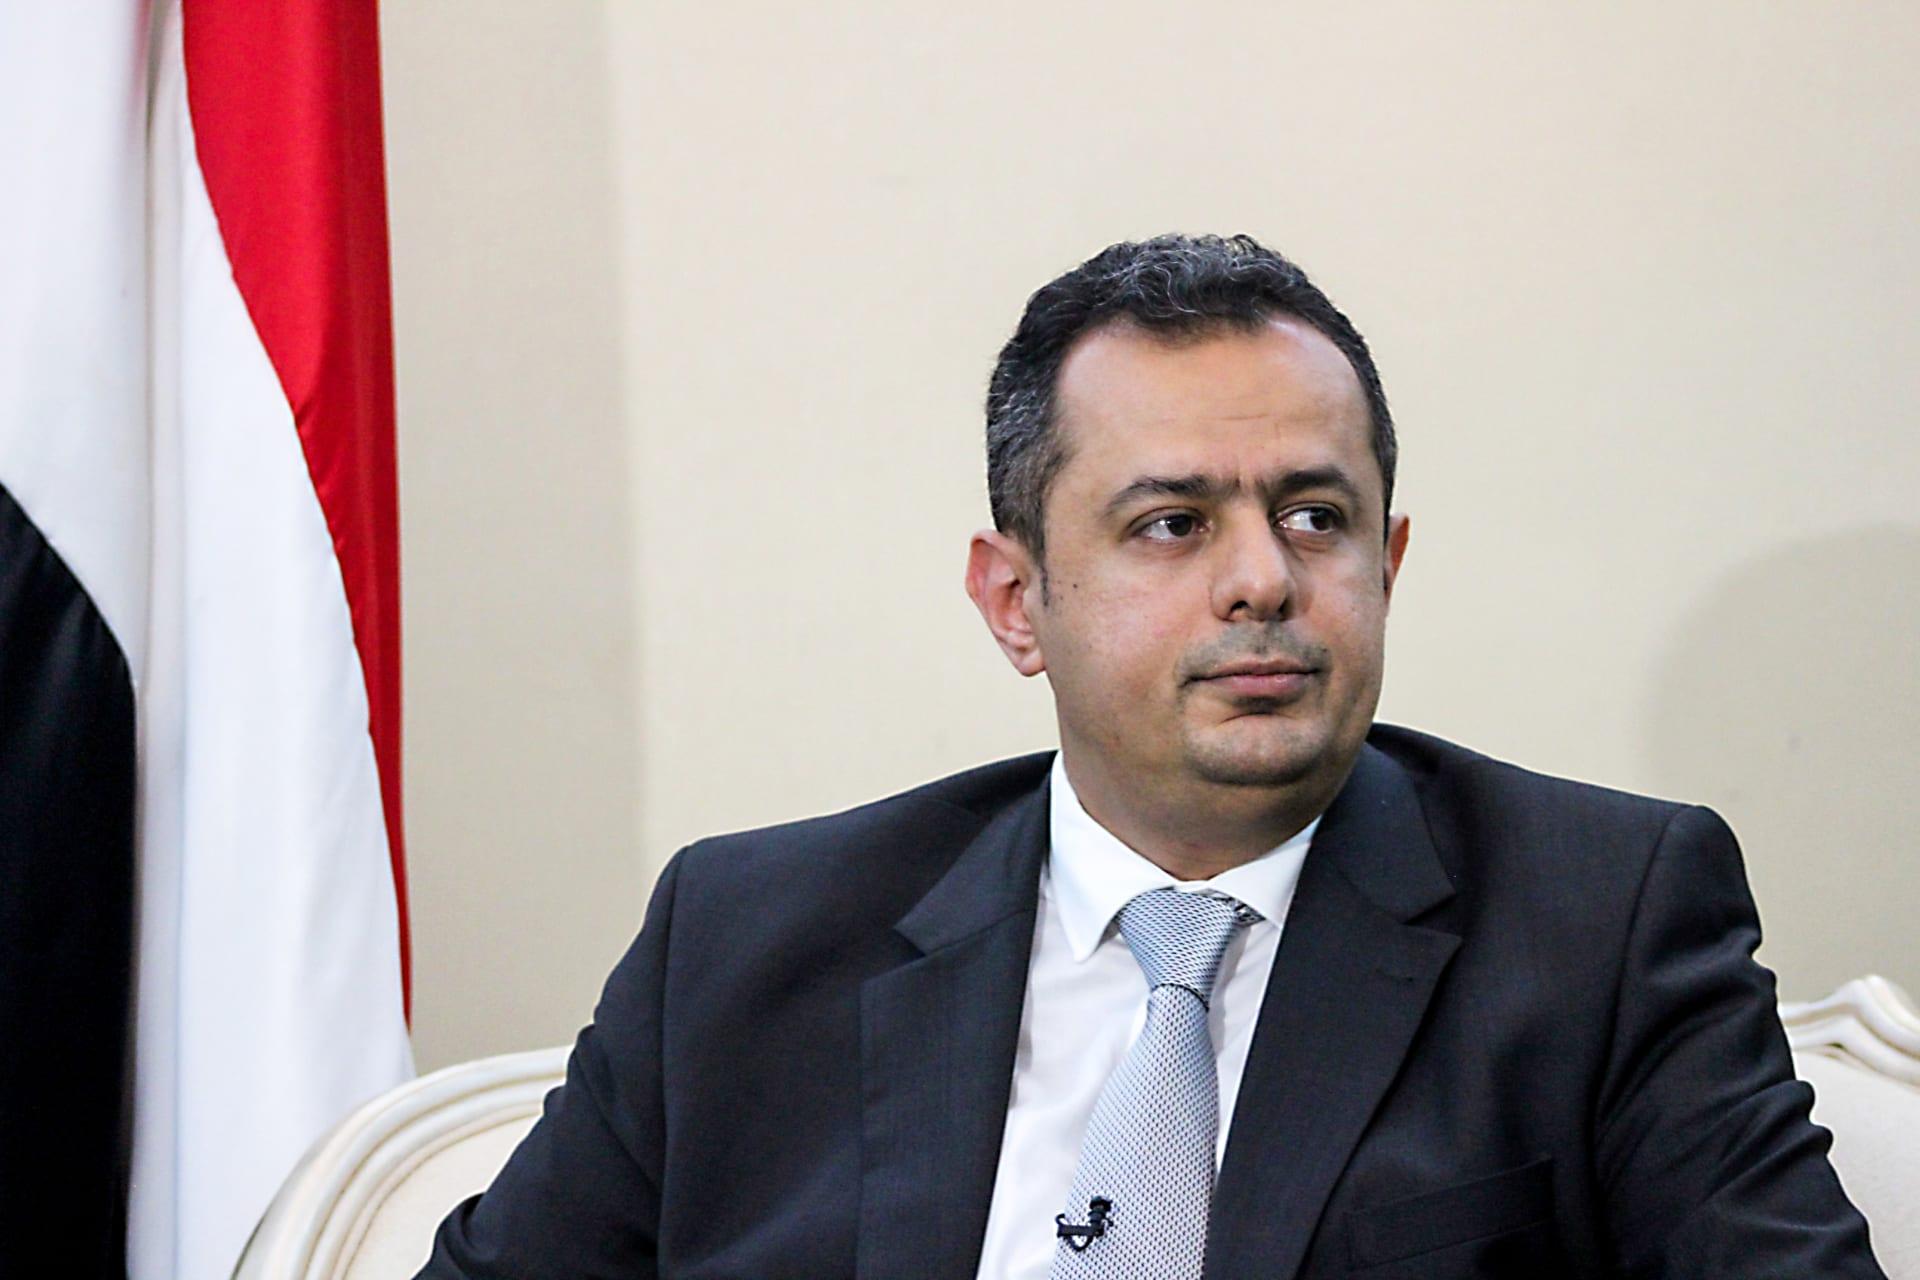 رئيس الوزراء اليمني: معدلات الفقر قفزت إلى 80% بين سكان البلاد